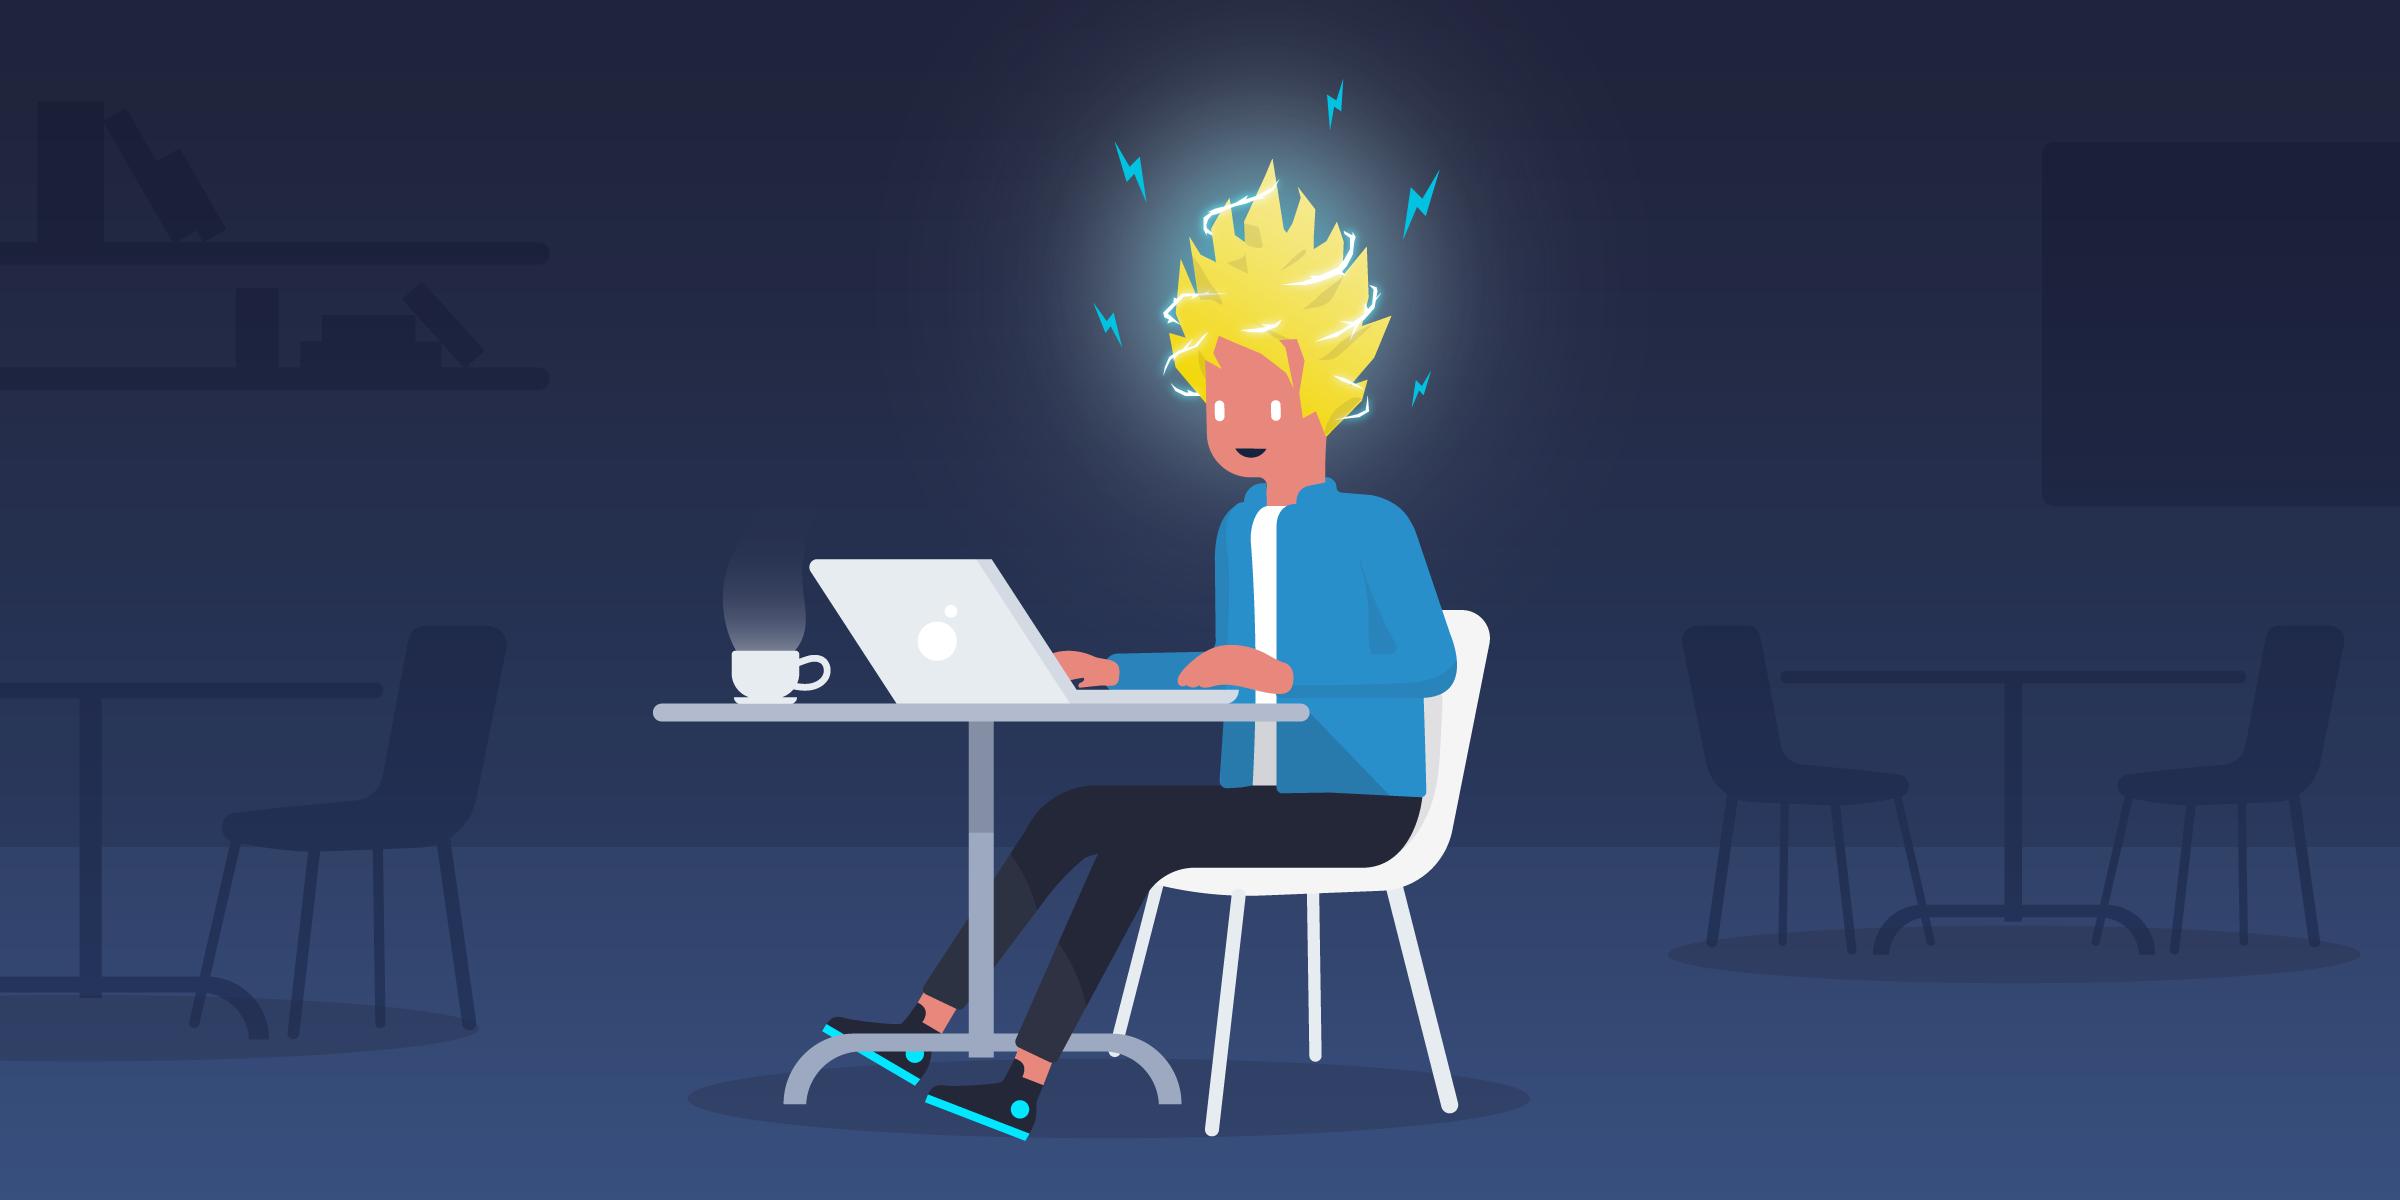 Casser la routine : changer votre environnement de travail peut augmenter votre productivité